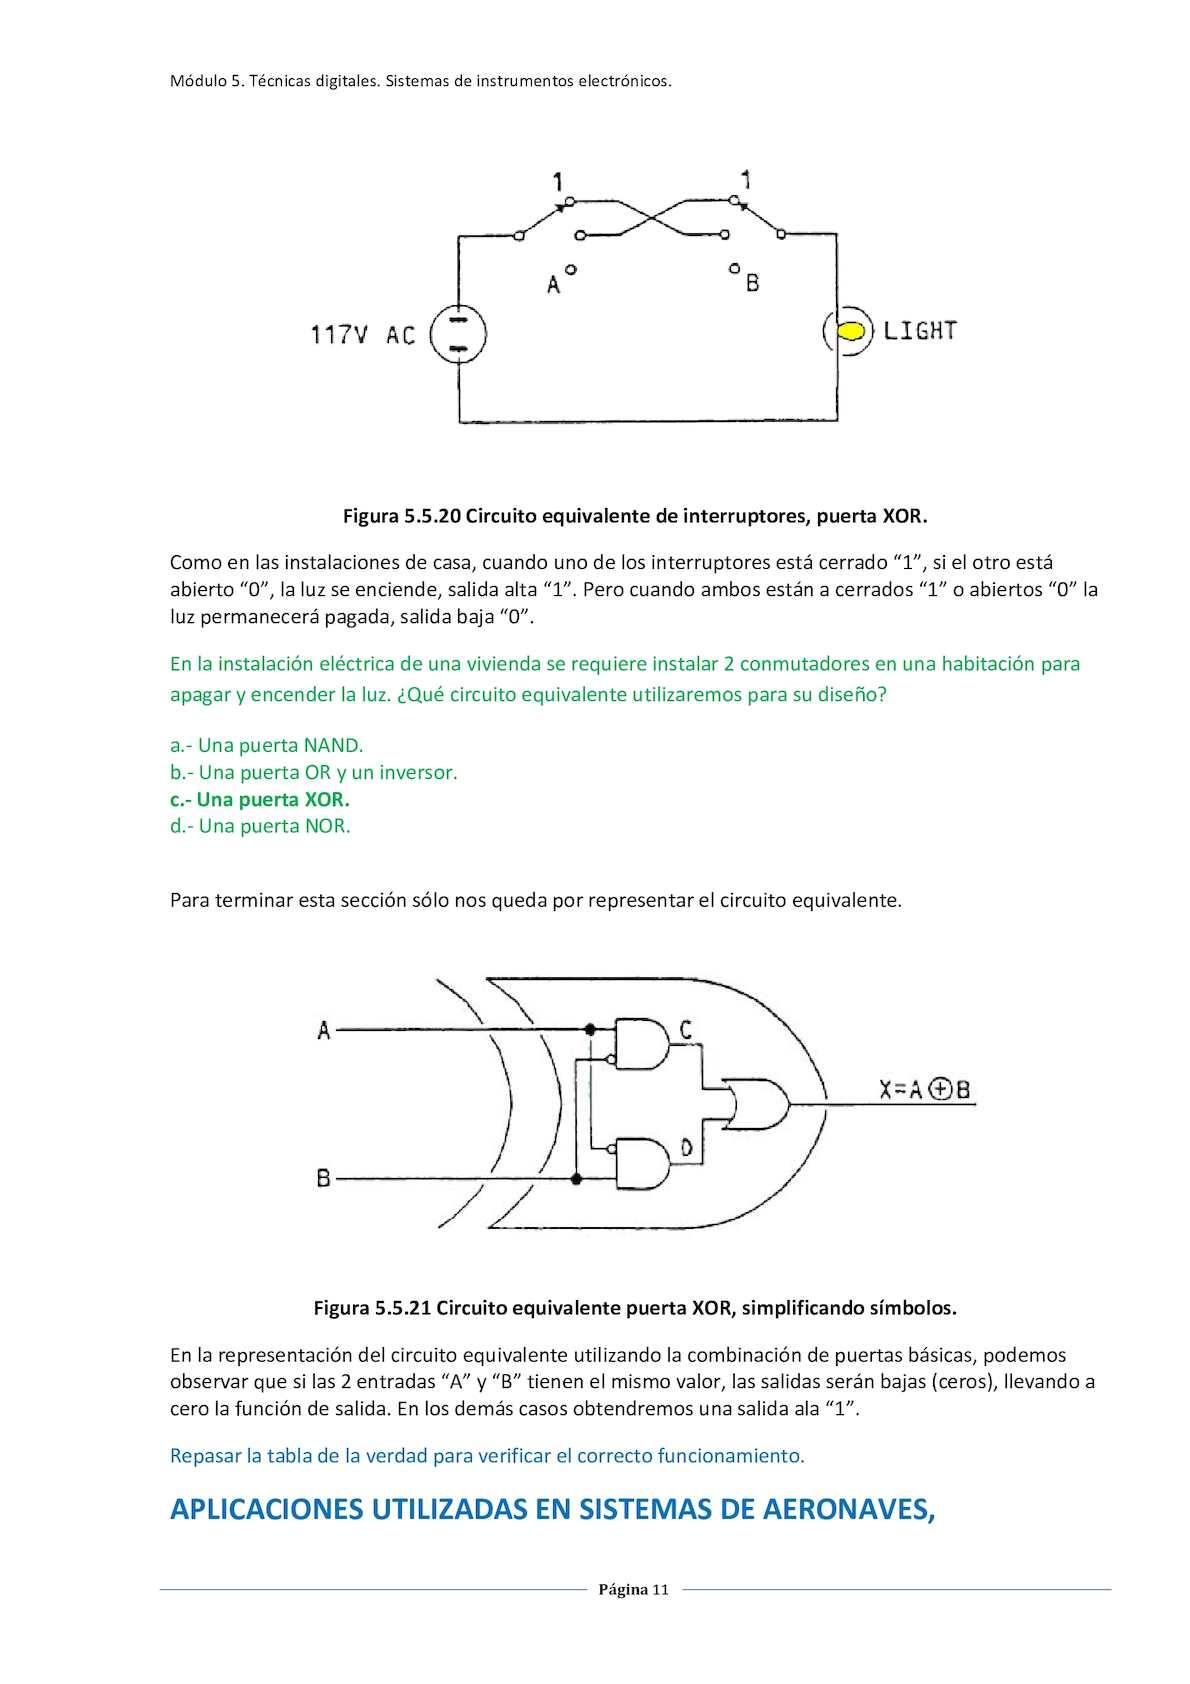 Circuito Xor Equivalente : Circuitos logicos calameo downloader